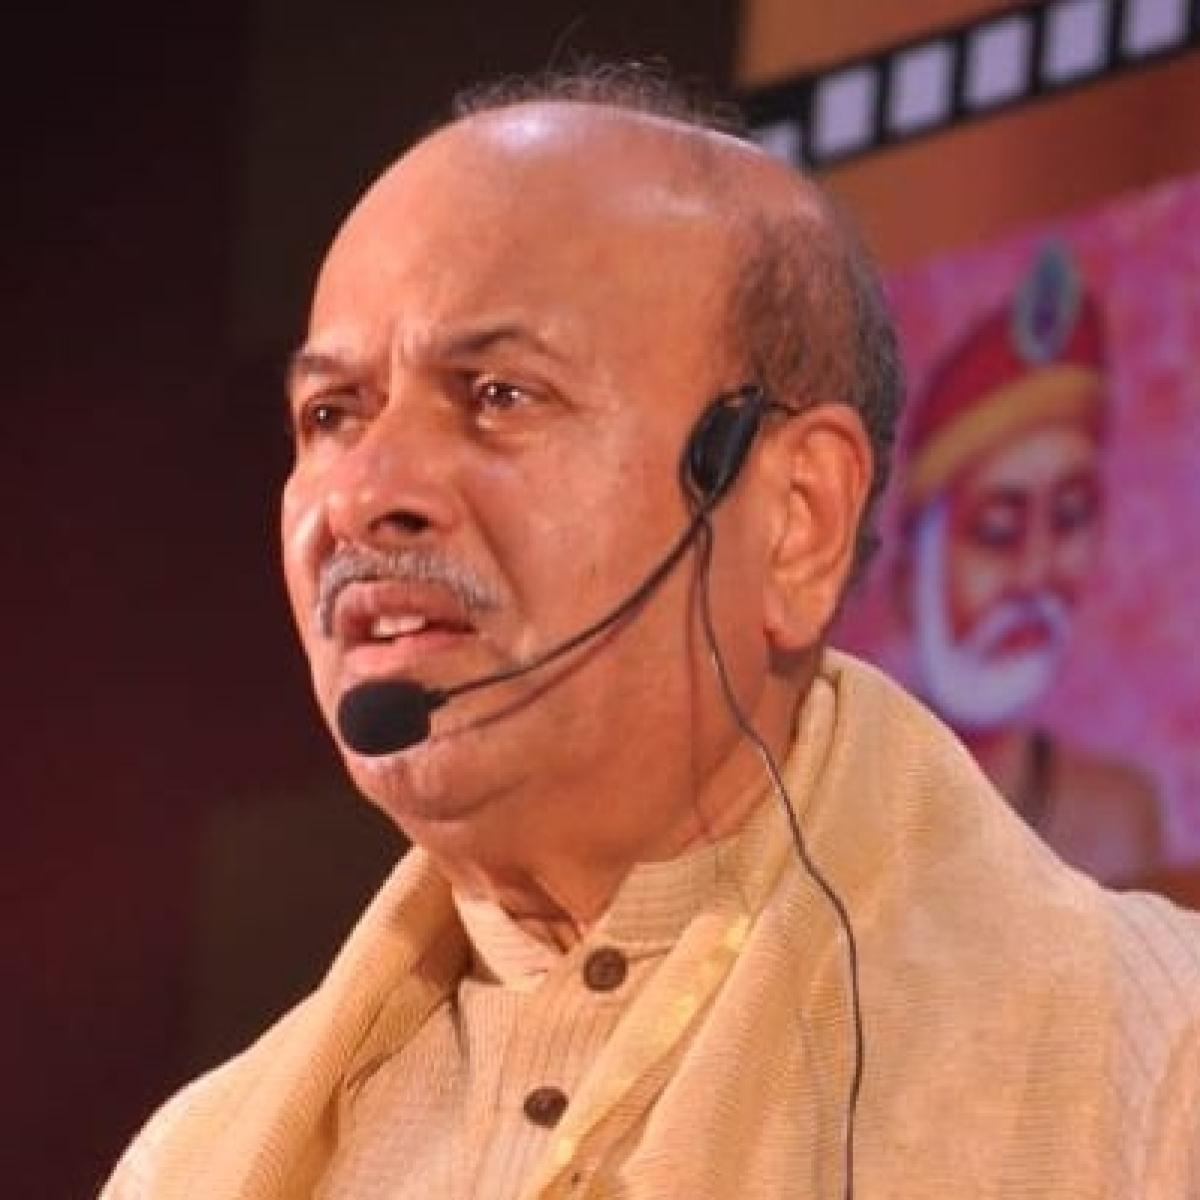 NJ Reddy, founder of Yoga Prana Vidya writes on Sri Rama Navami